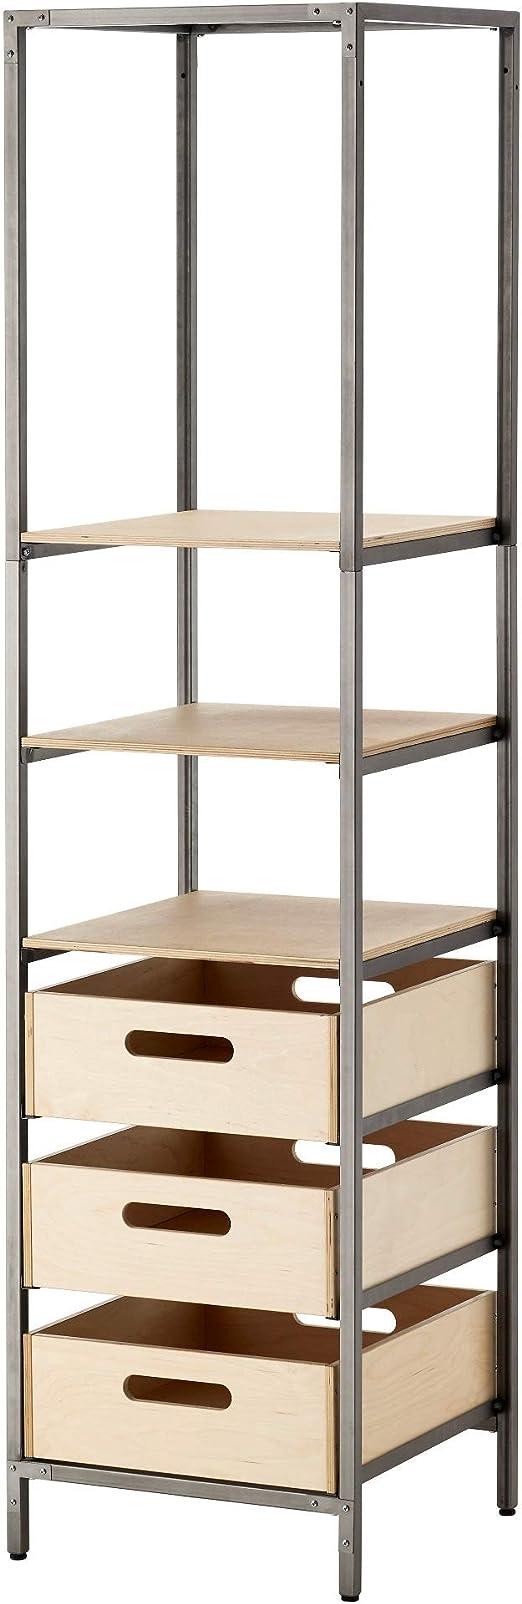 Ikea 103.433.28 Veberod Natural - Estantería (tamaño 17, 3/4 ...